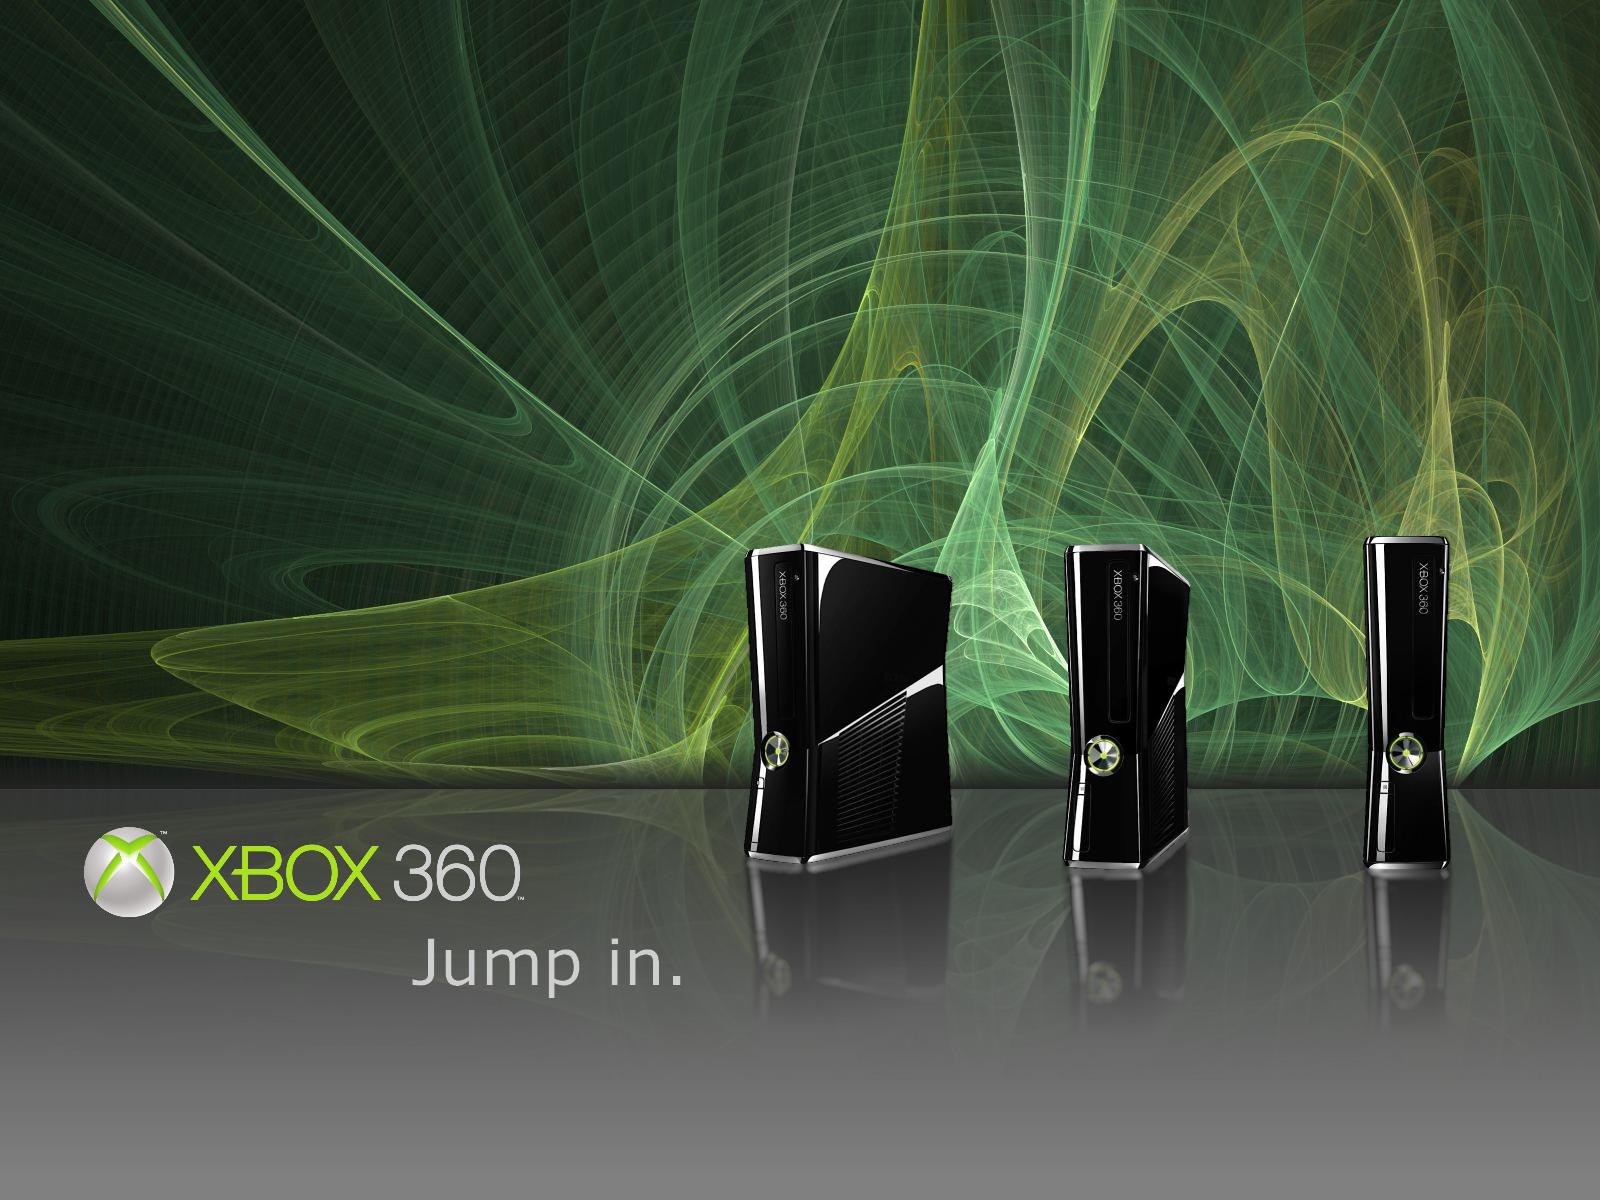 http://4.bp.blogspot.com/-LsjV6mfYKPg/UIKtysB5IcI/AAAAAAAAJFU/mUQnTJEjtlQ/s1600/Xbox_360_Slim_Wallpaper_by_kironohasama.png